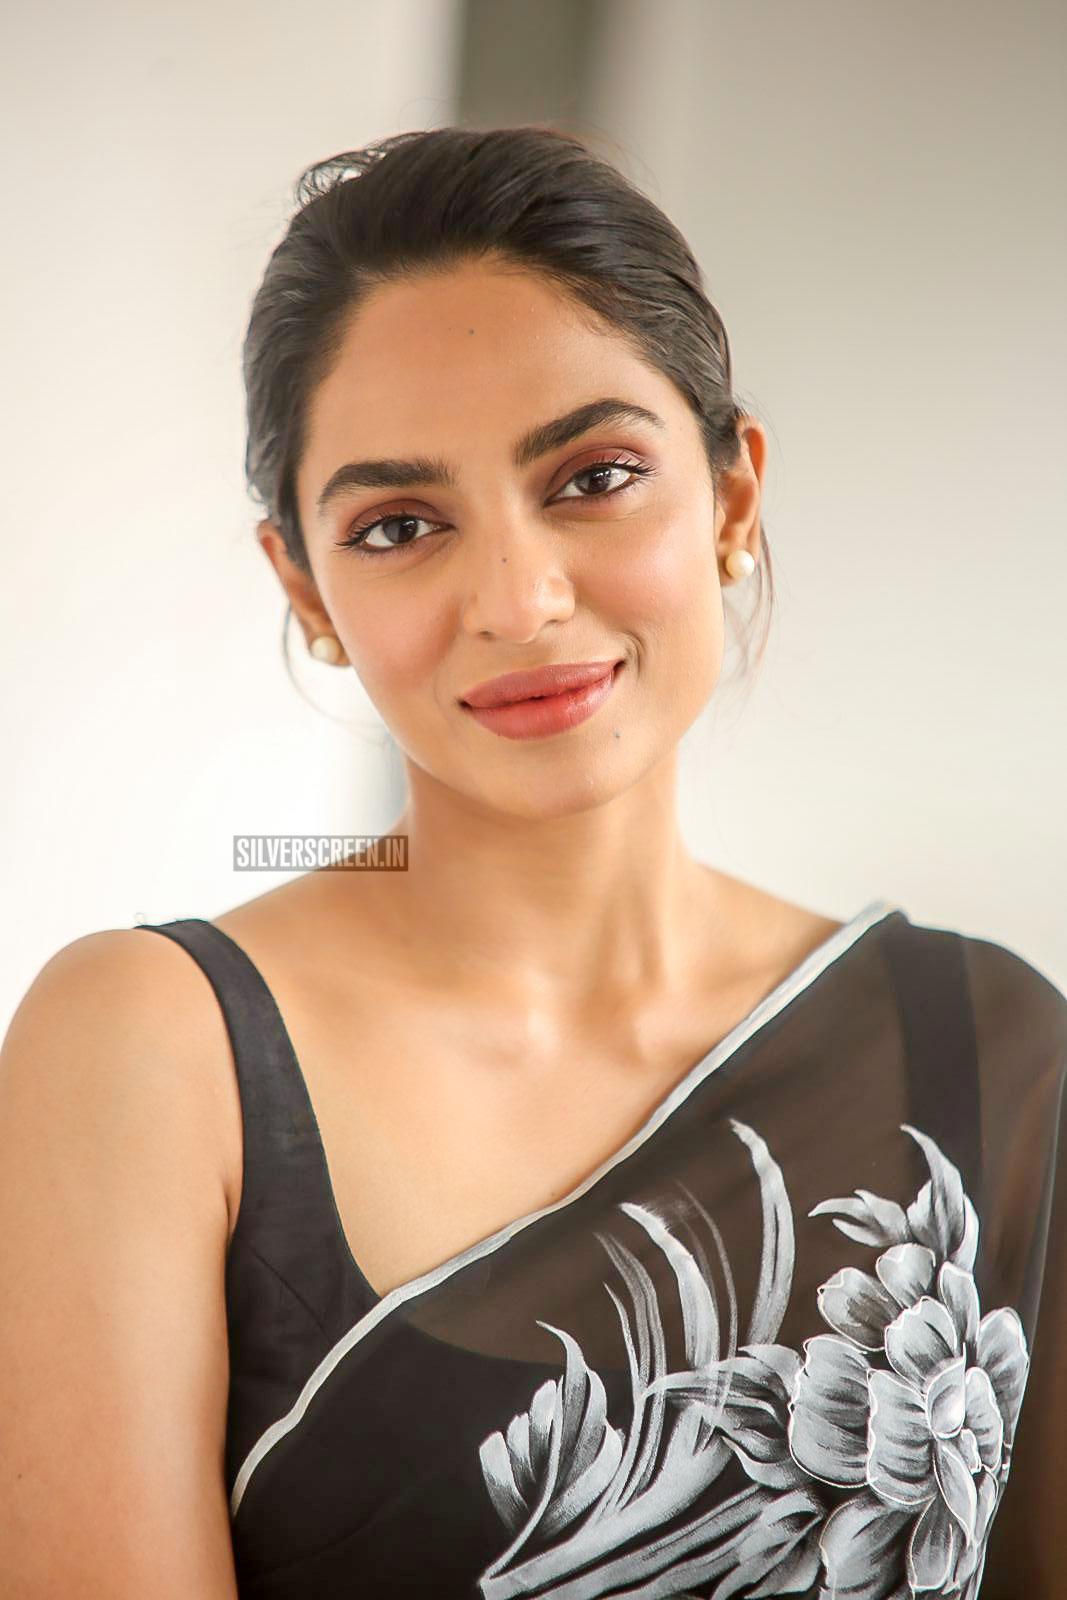 sobhita dhulipala promotes goodachari  u2013 silverscreen in